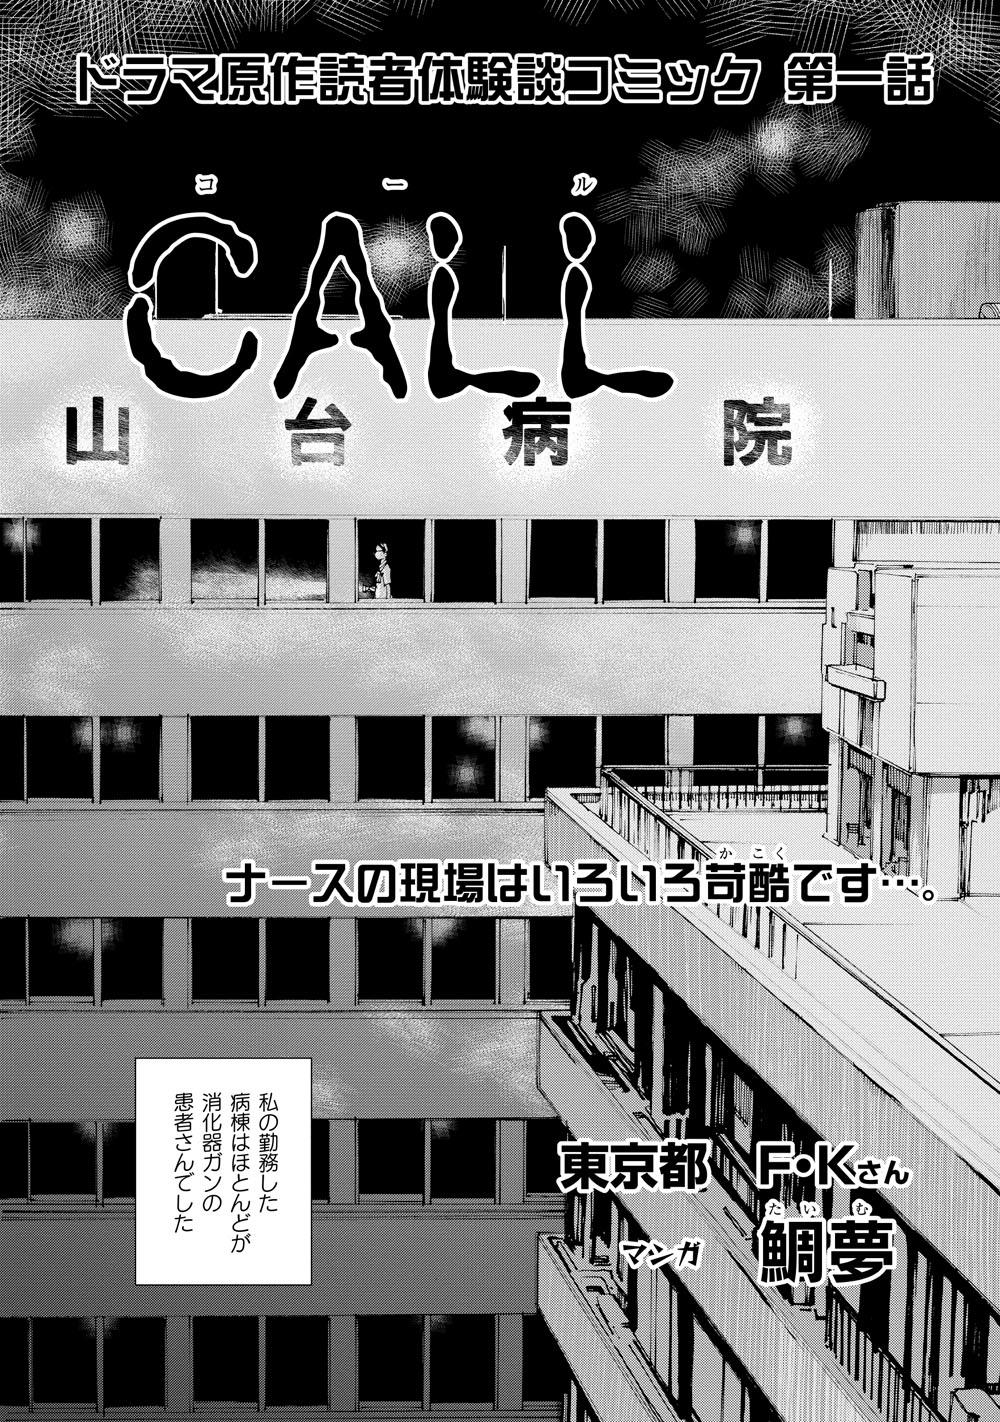 テレビ版_ほん怖_231.jpg